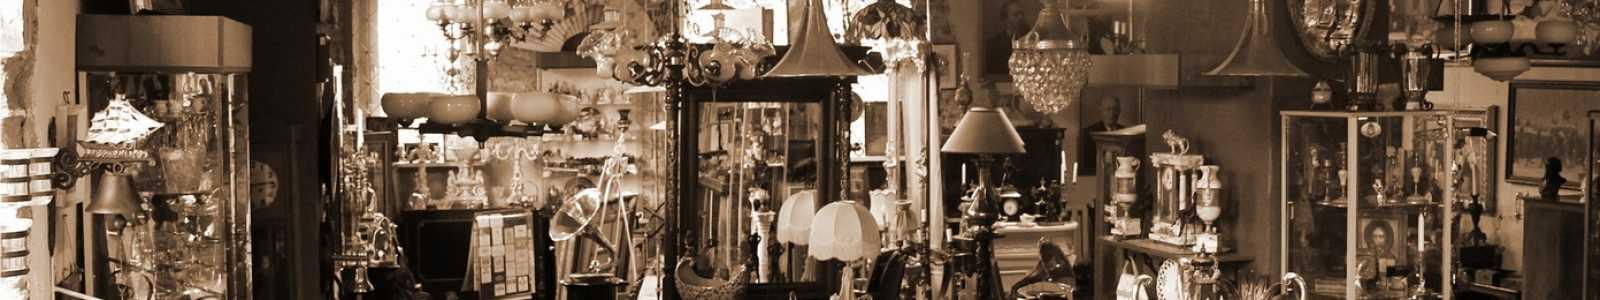 Gallery Antik and Dekors